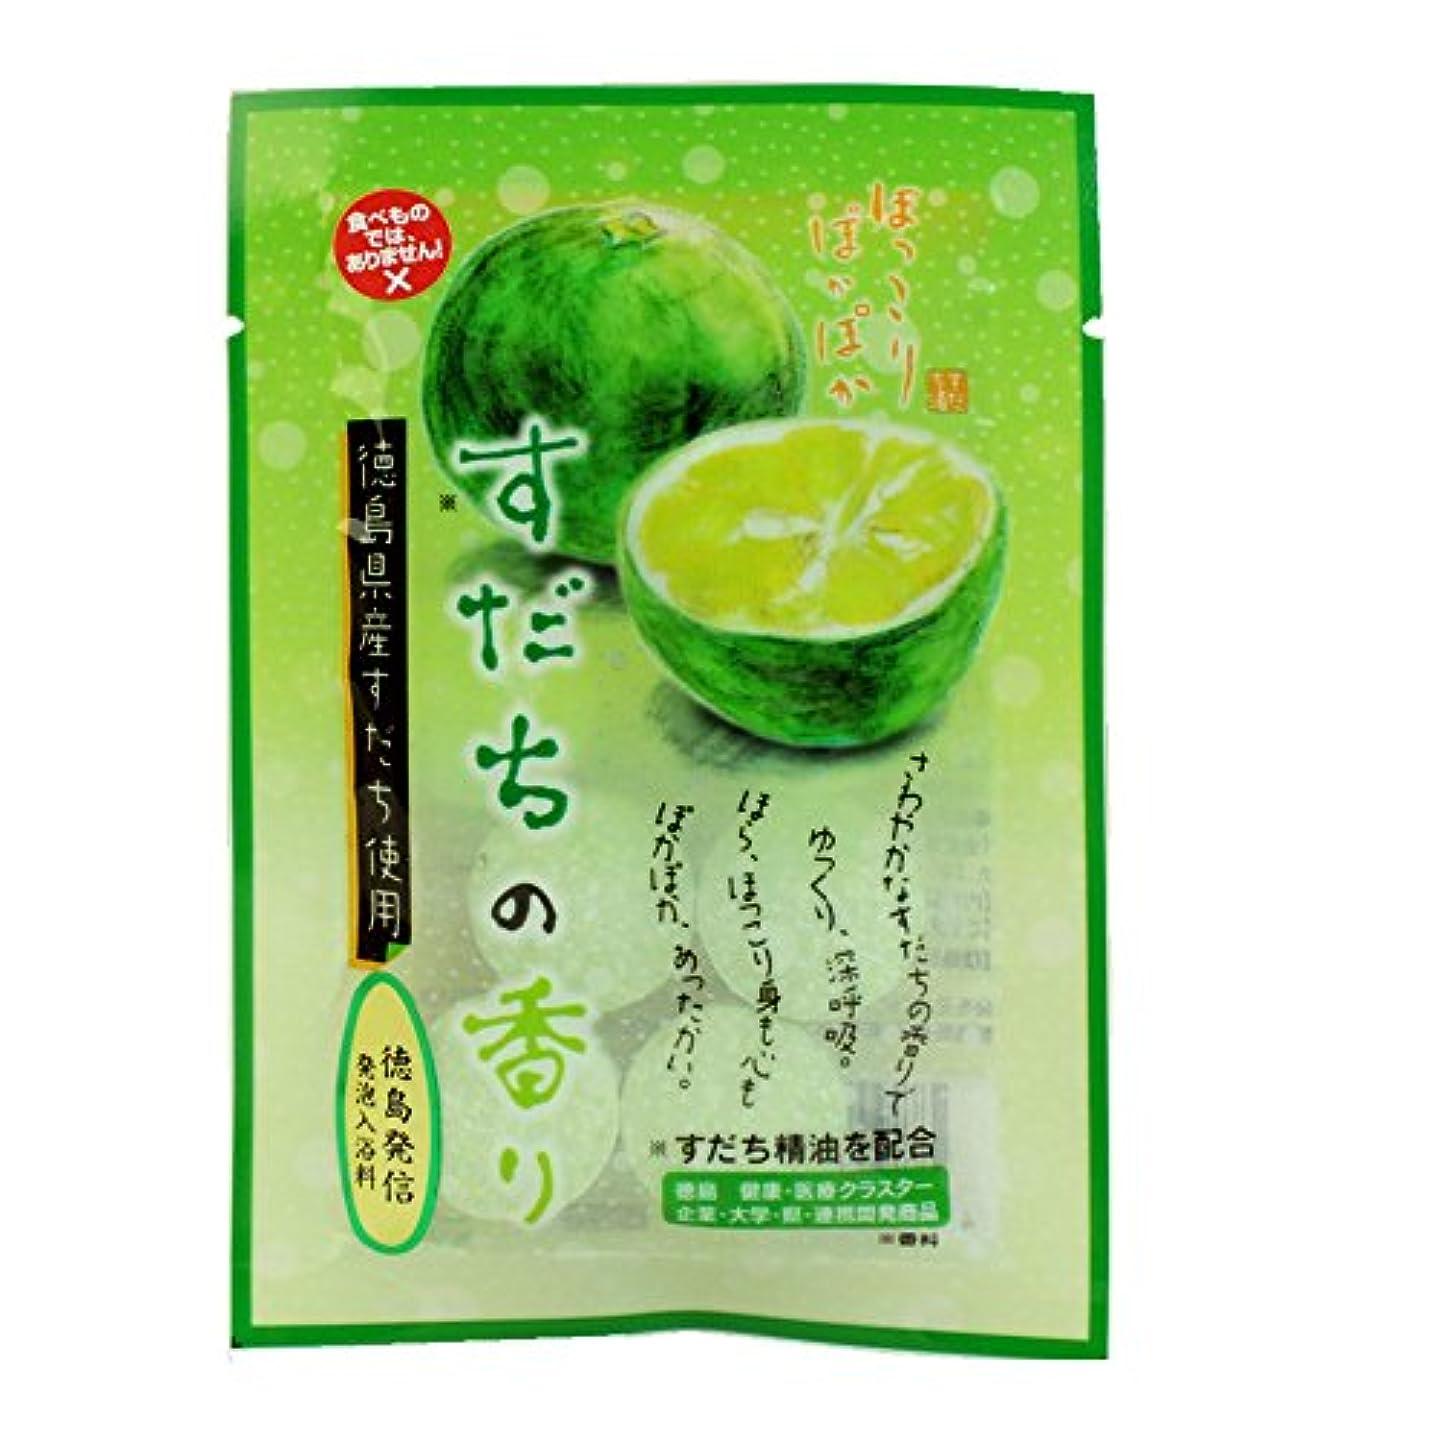 の面では脅かすビバすだちの香り 発泡入浴料 1袋 徳島県産すだち使用 860